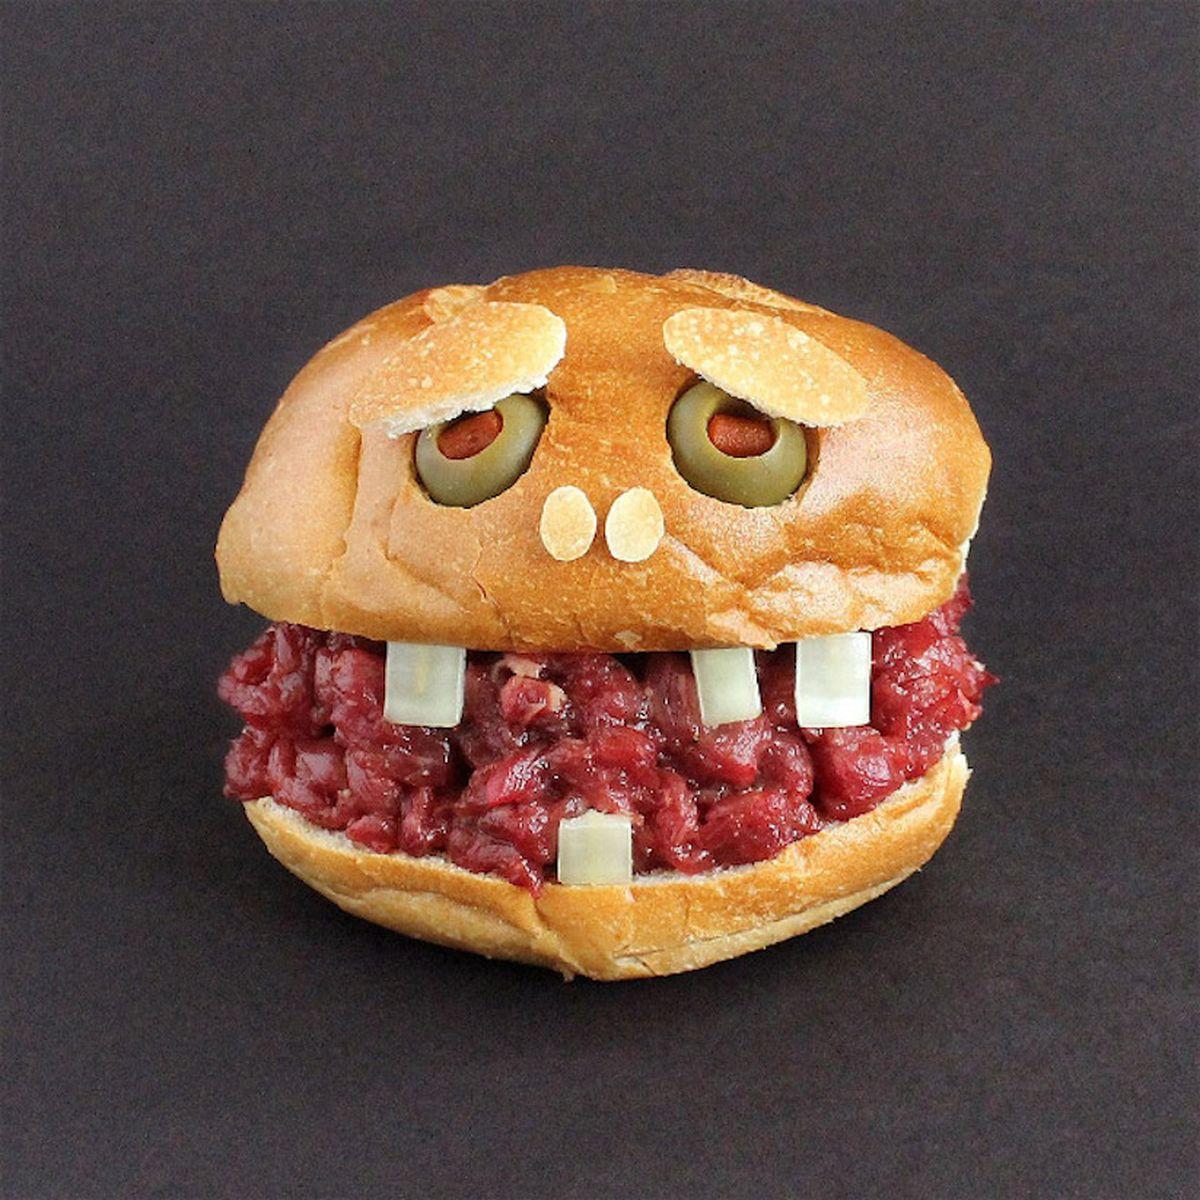 Sandwich Monster von Kasia Haupt | Essen und Trinken | Was is hier eigentlich los?